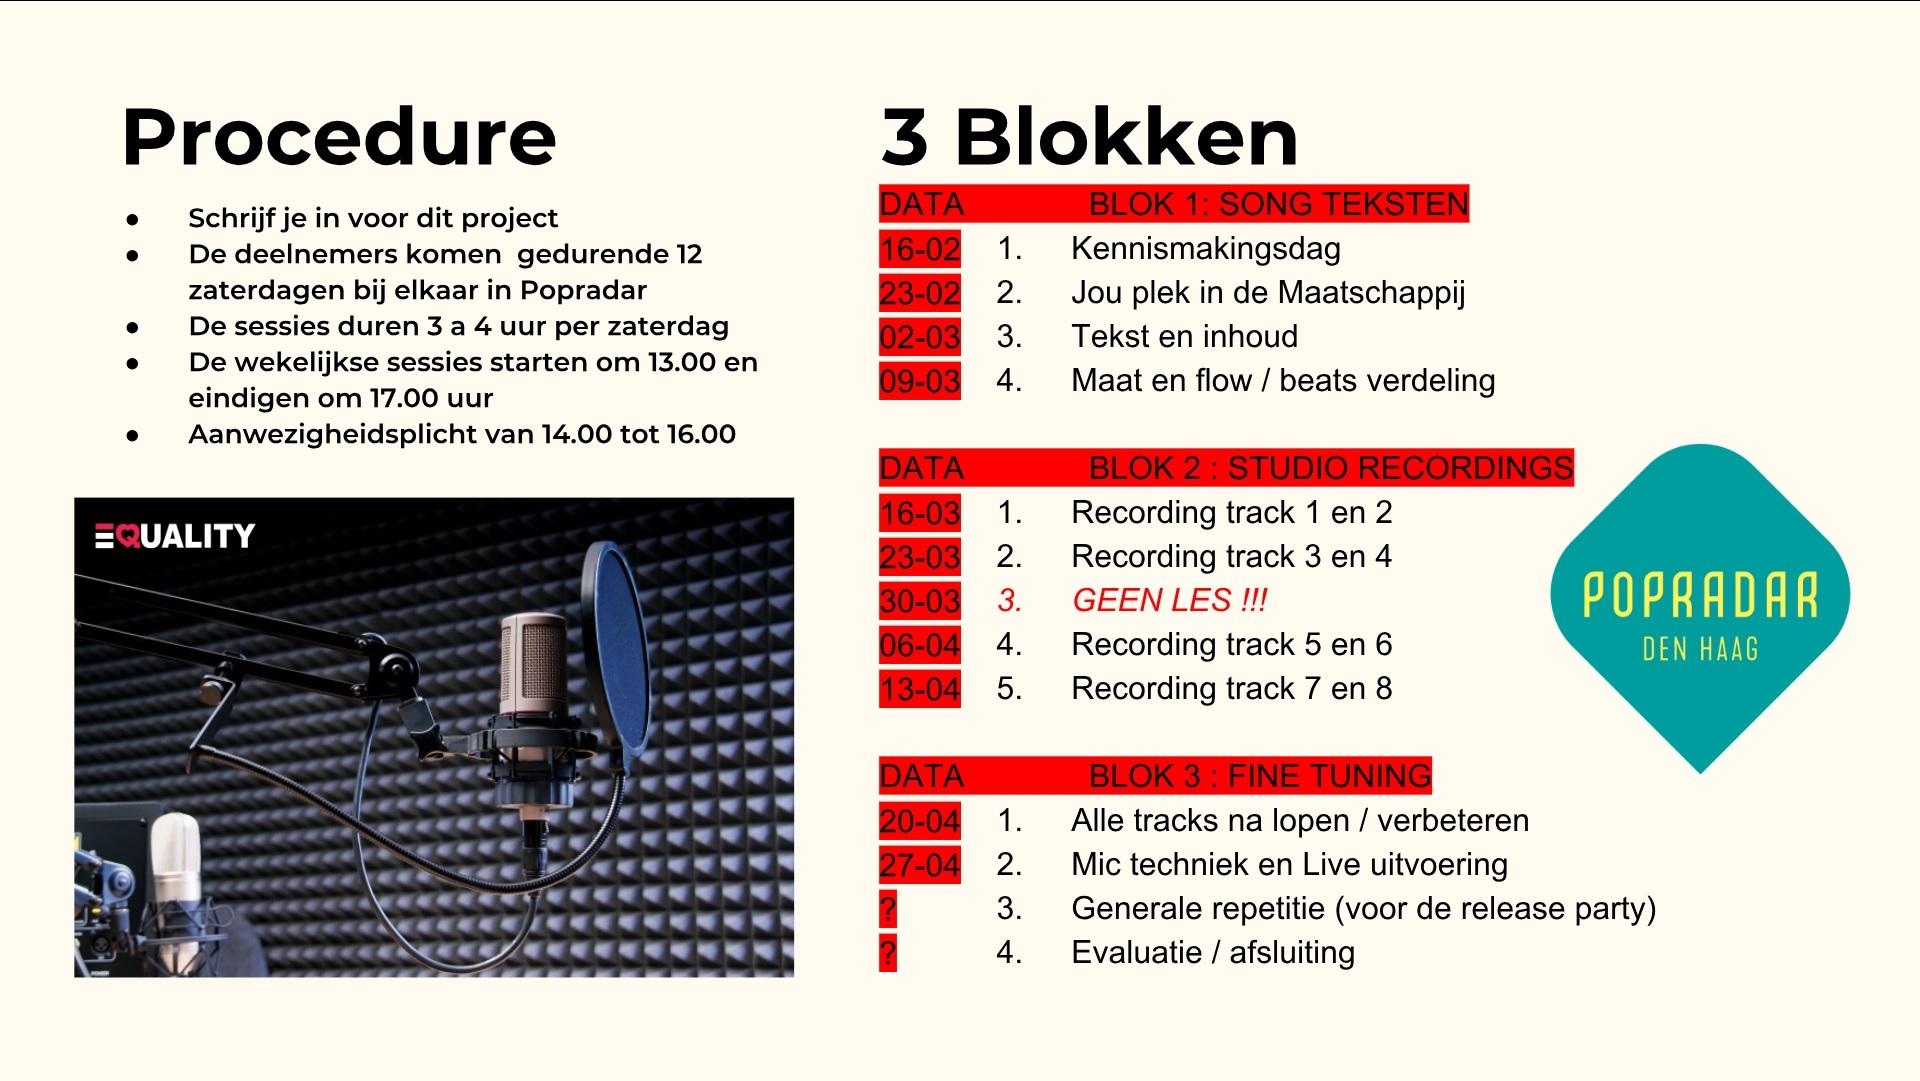 proces en blokken 2